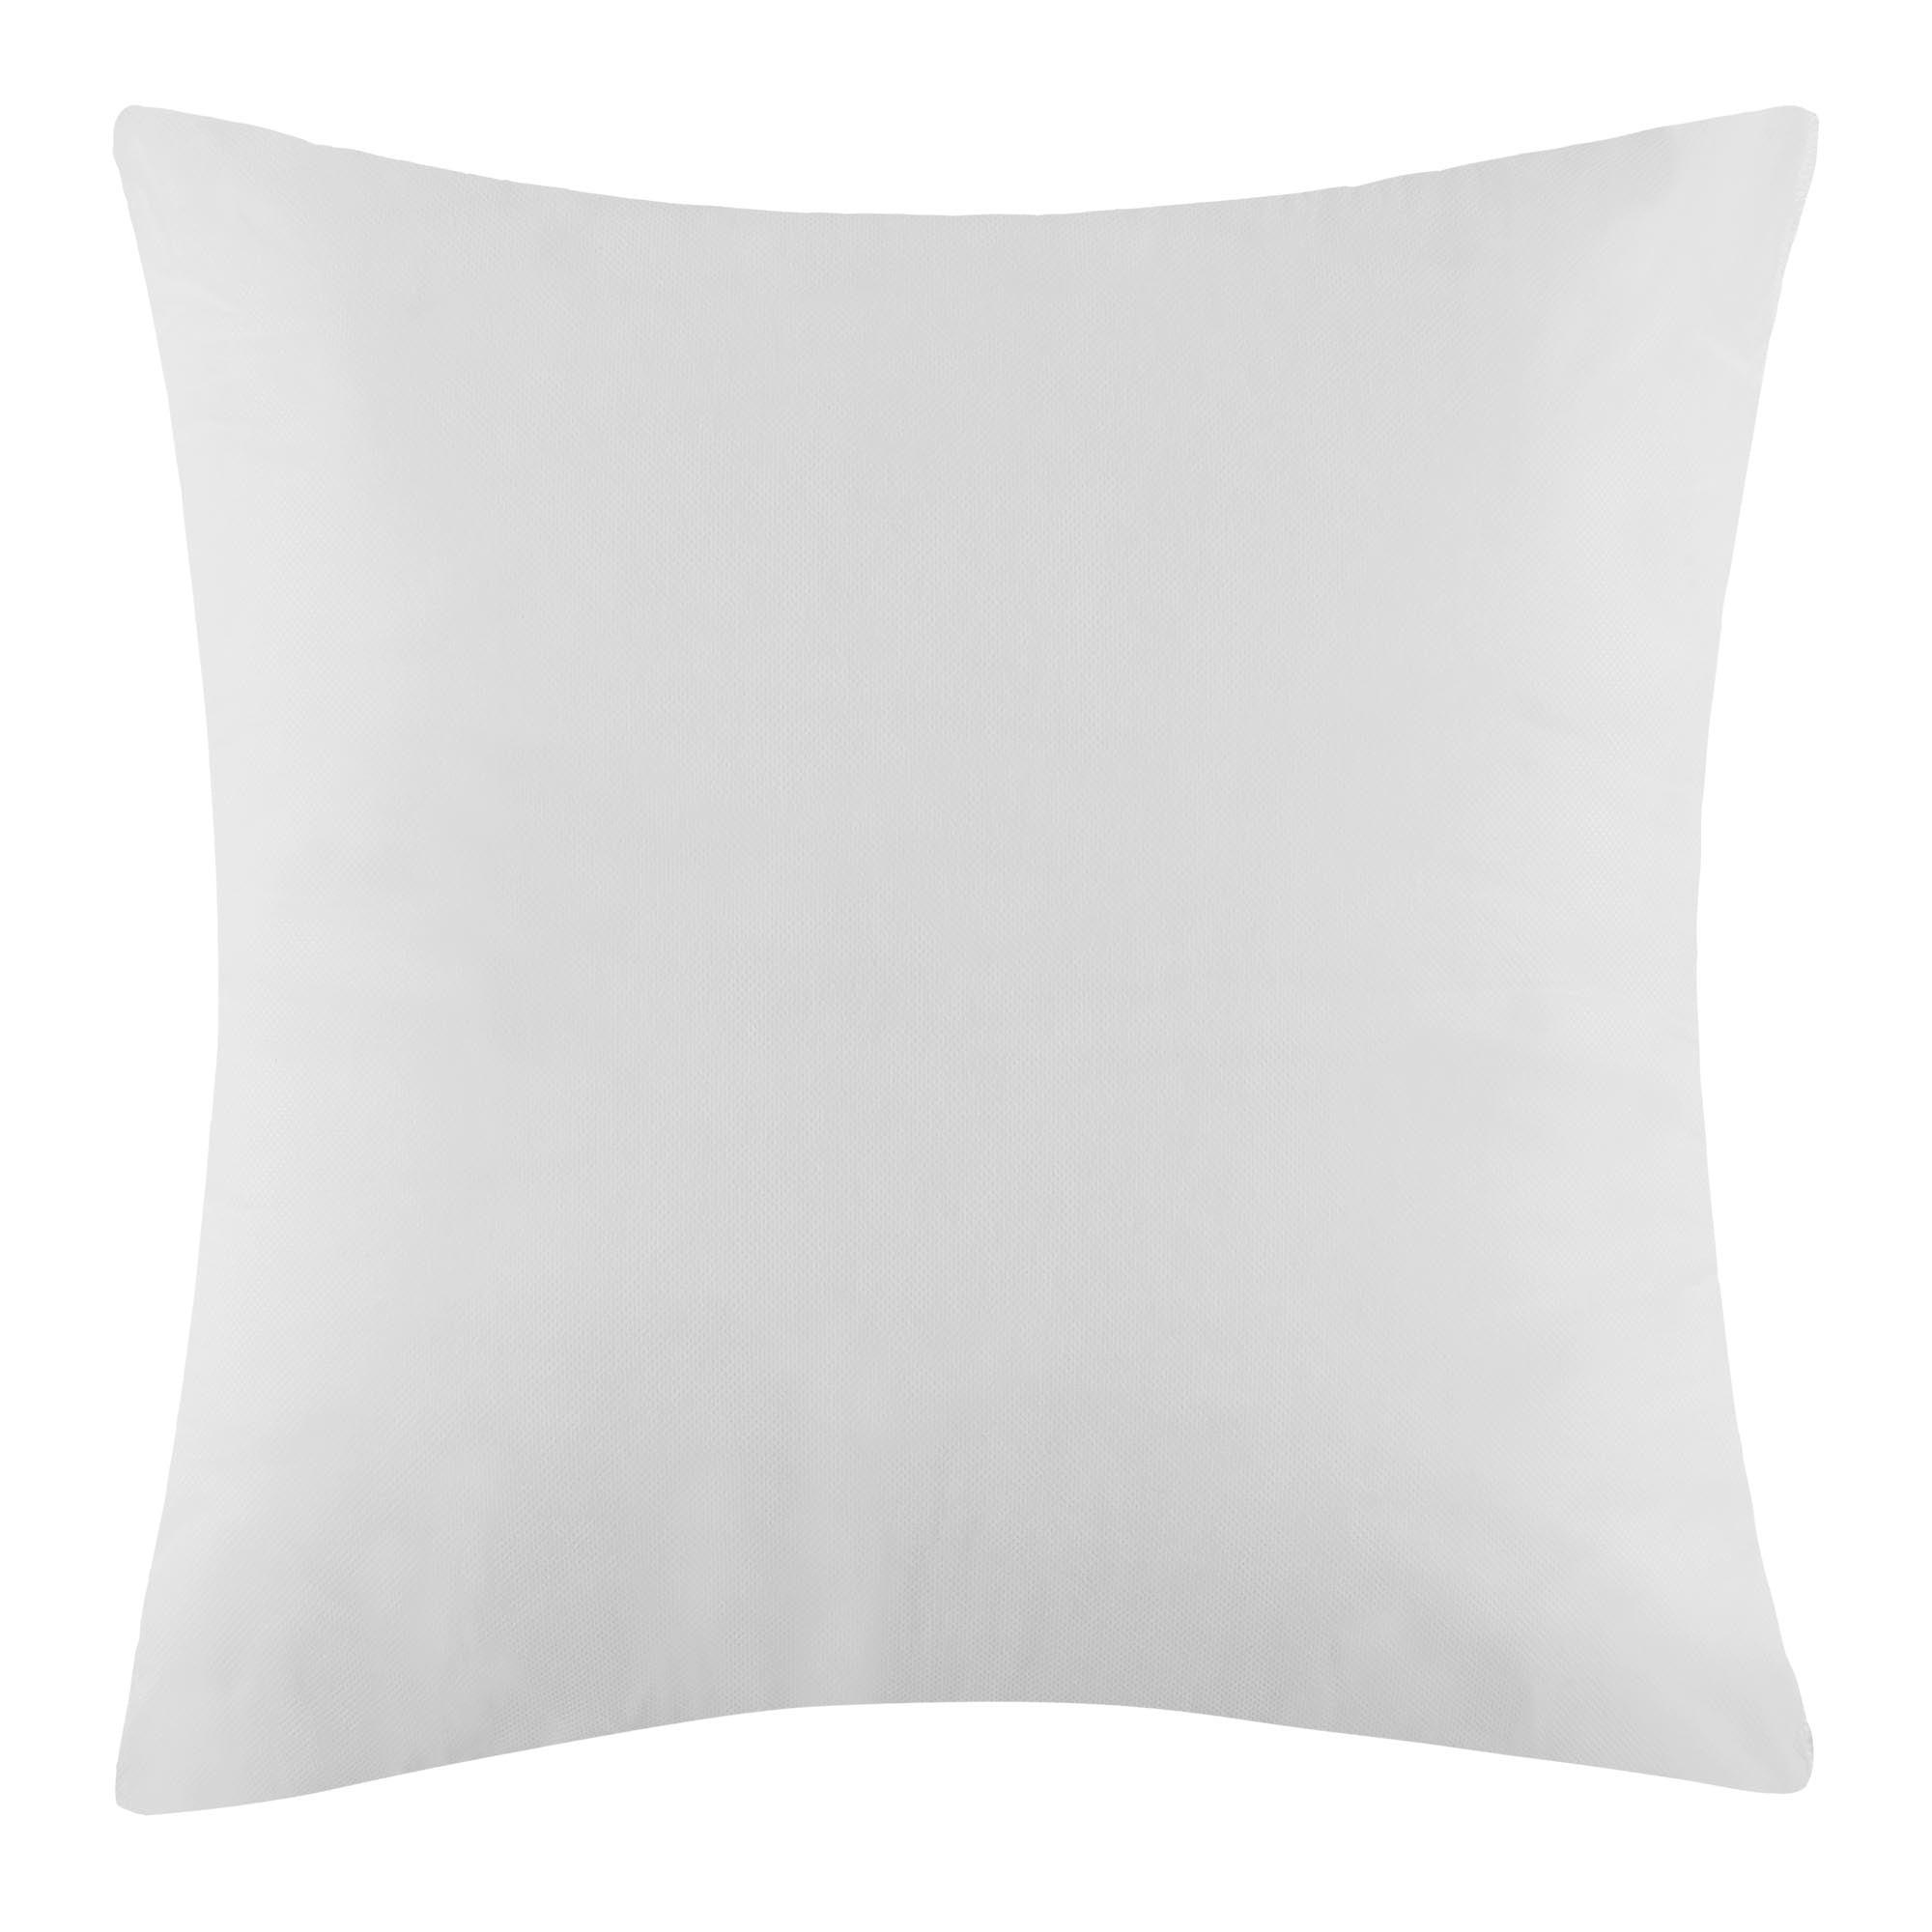 Coussin de garnissage 40x40 cm Blanc